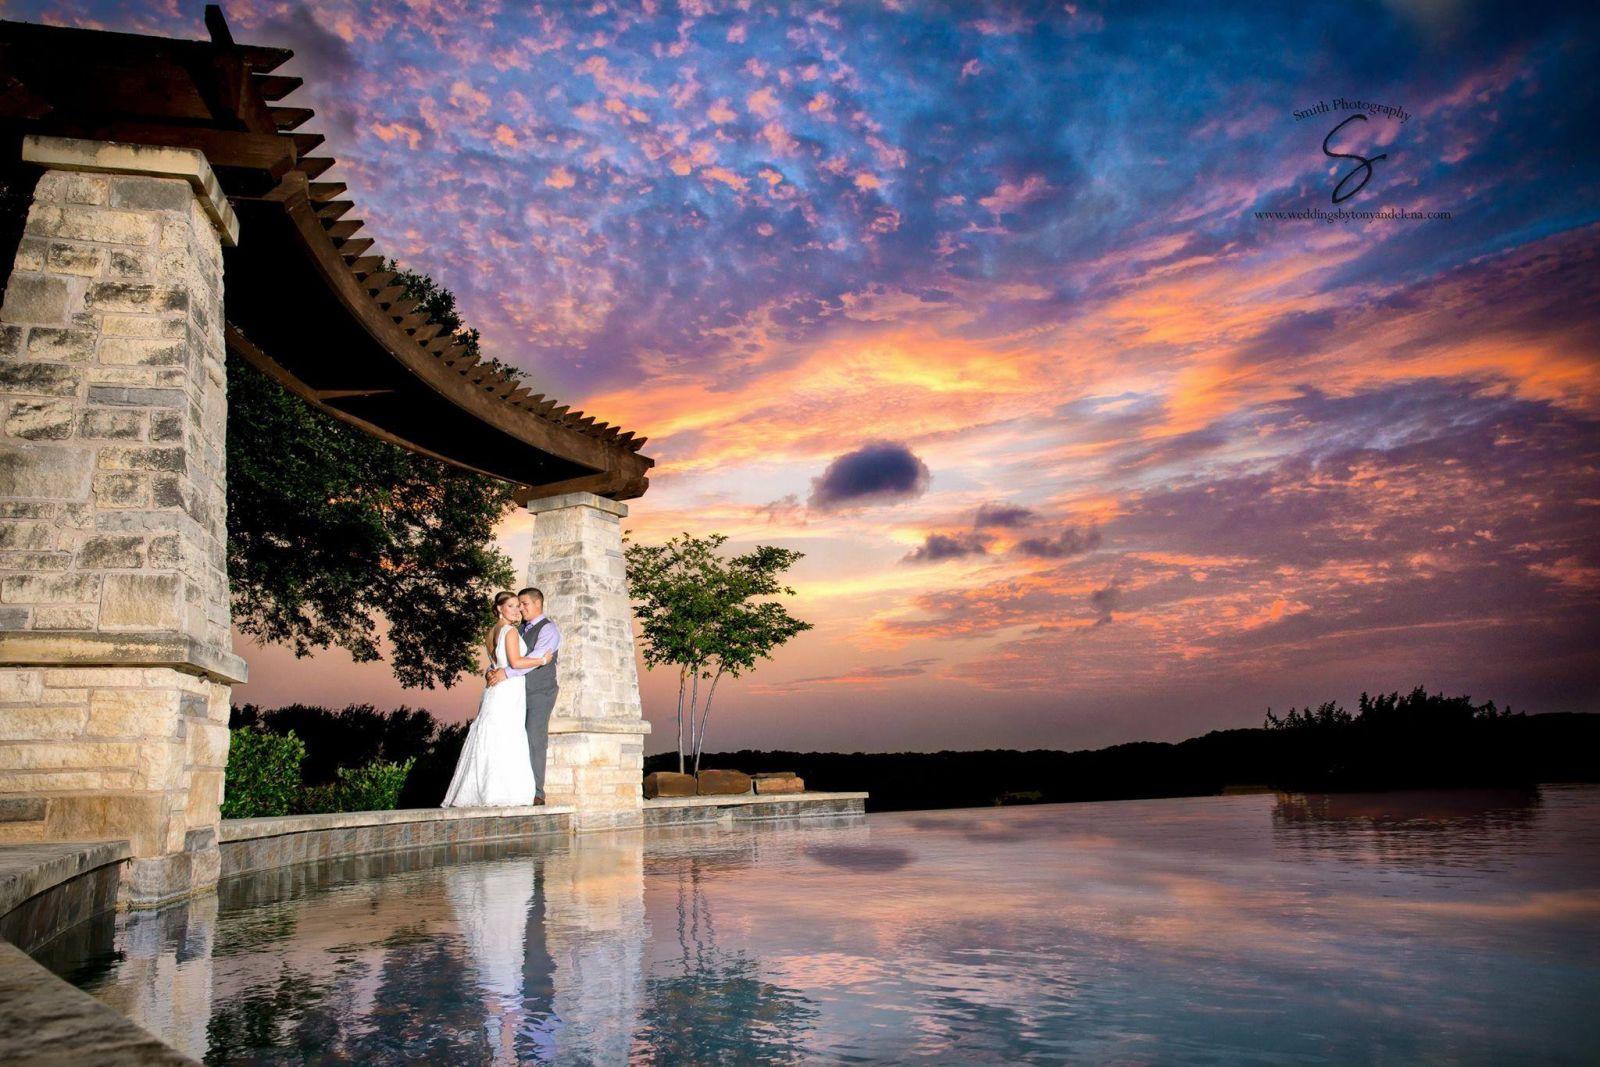 Avery Ranch Golf Wedding Venue Austin Texas - WeddingsAbroad.com